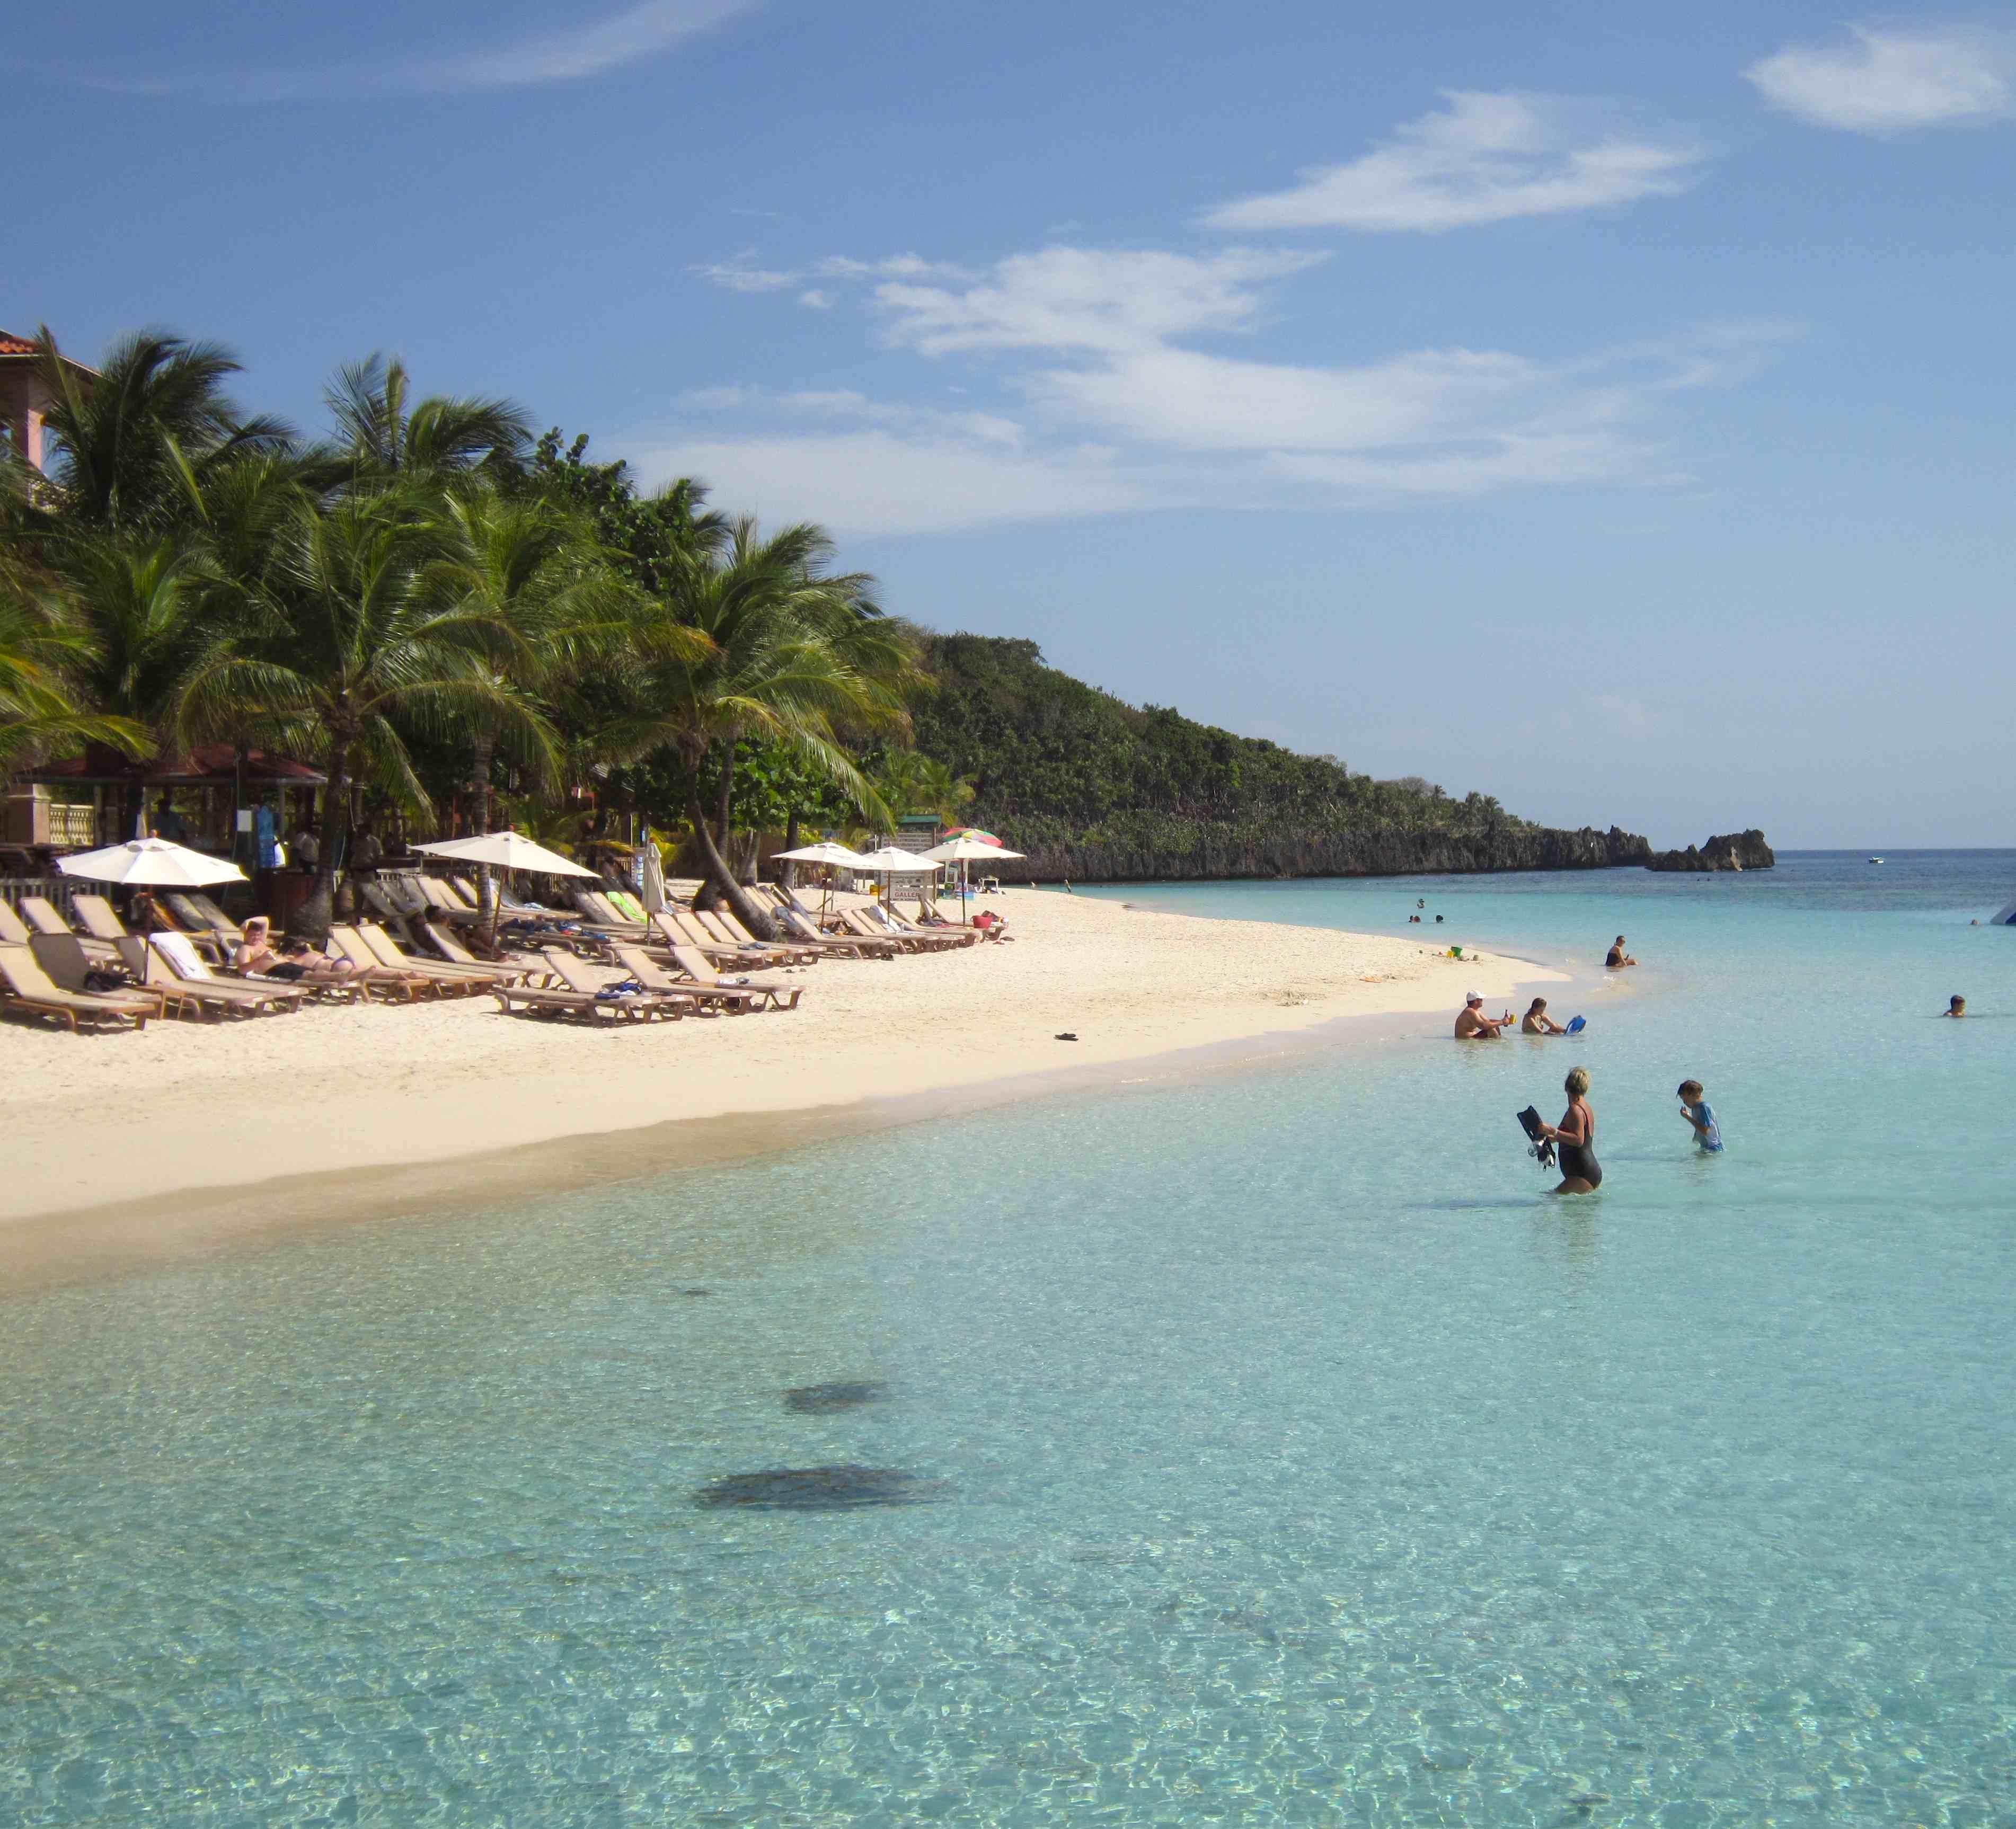 Island Beach People: No Hay Bronca